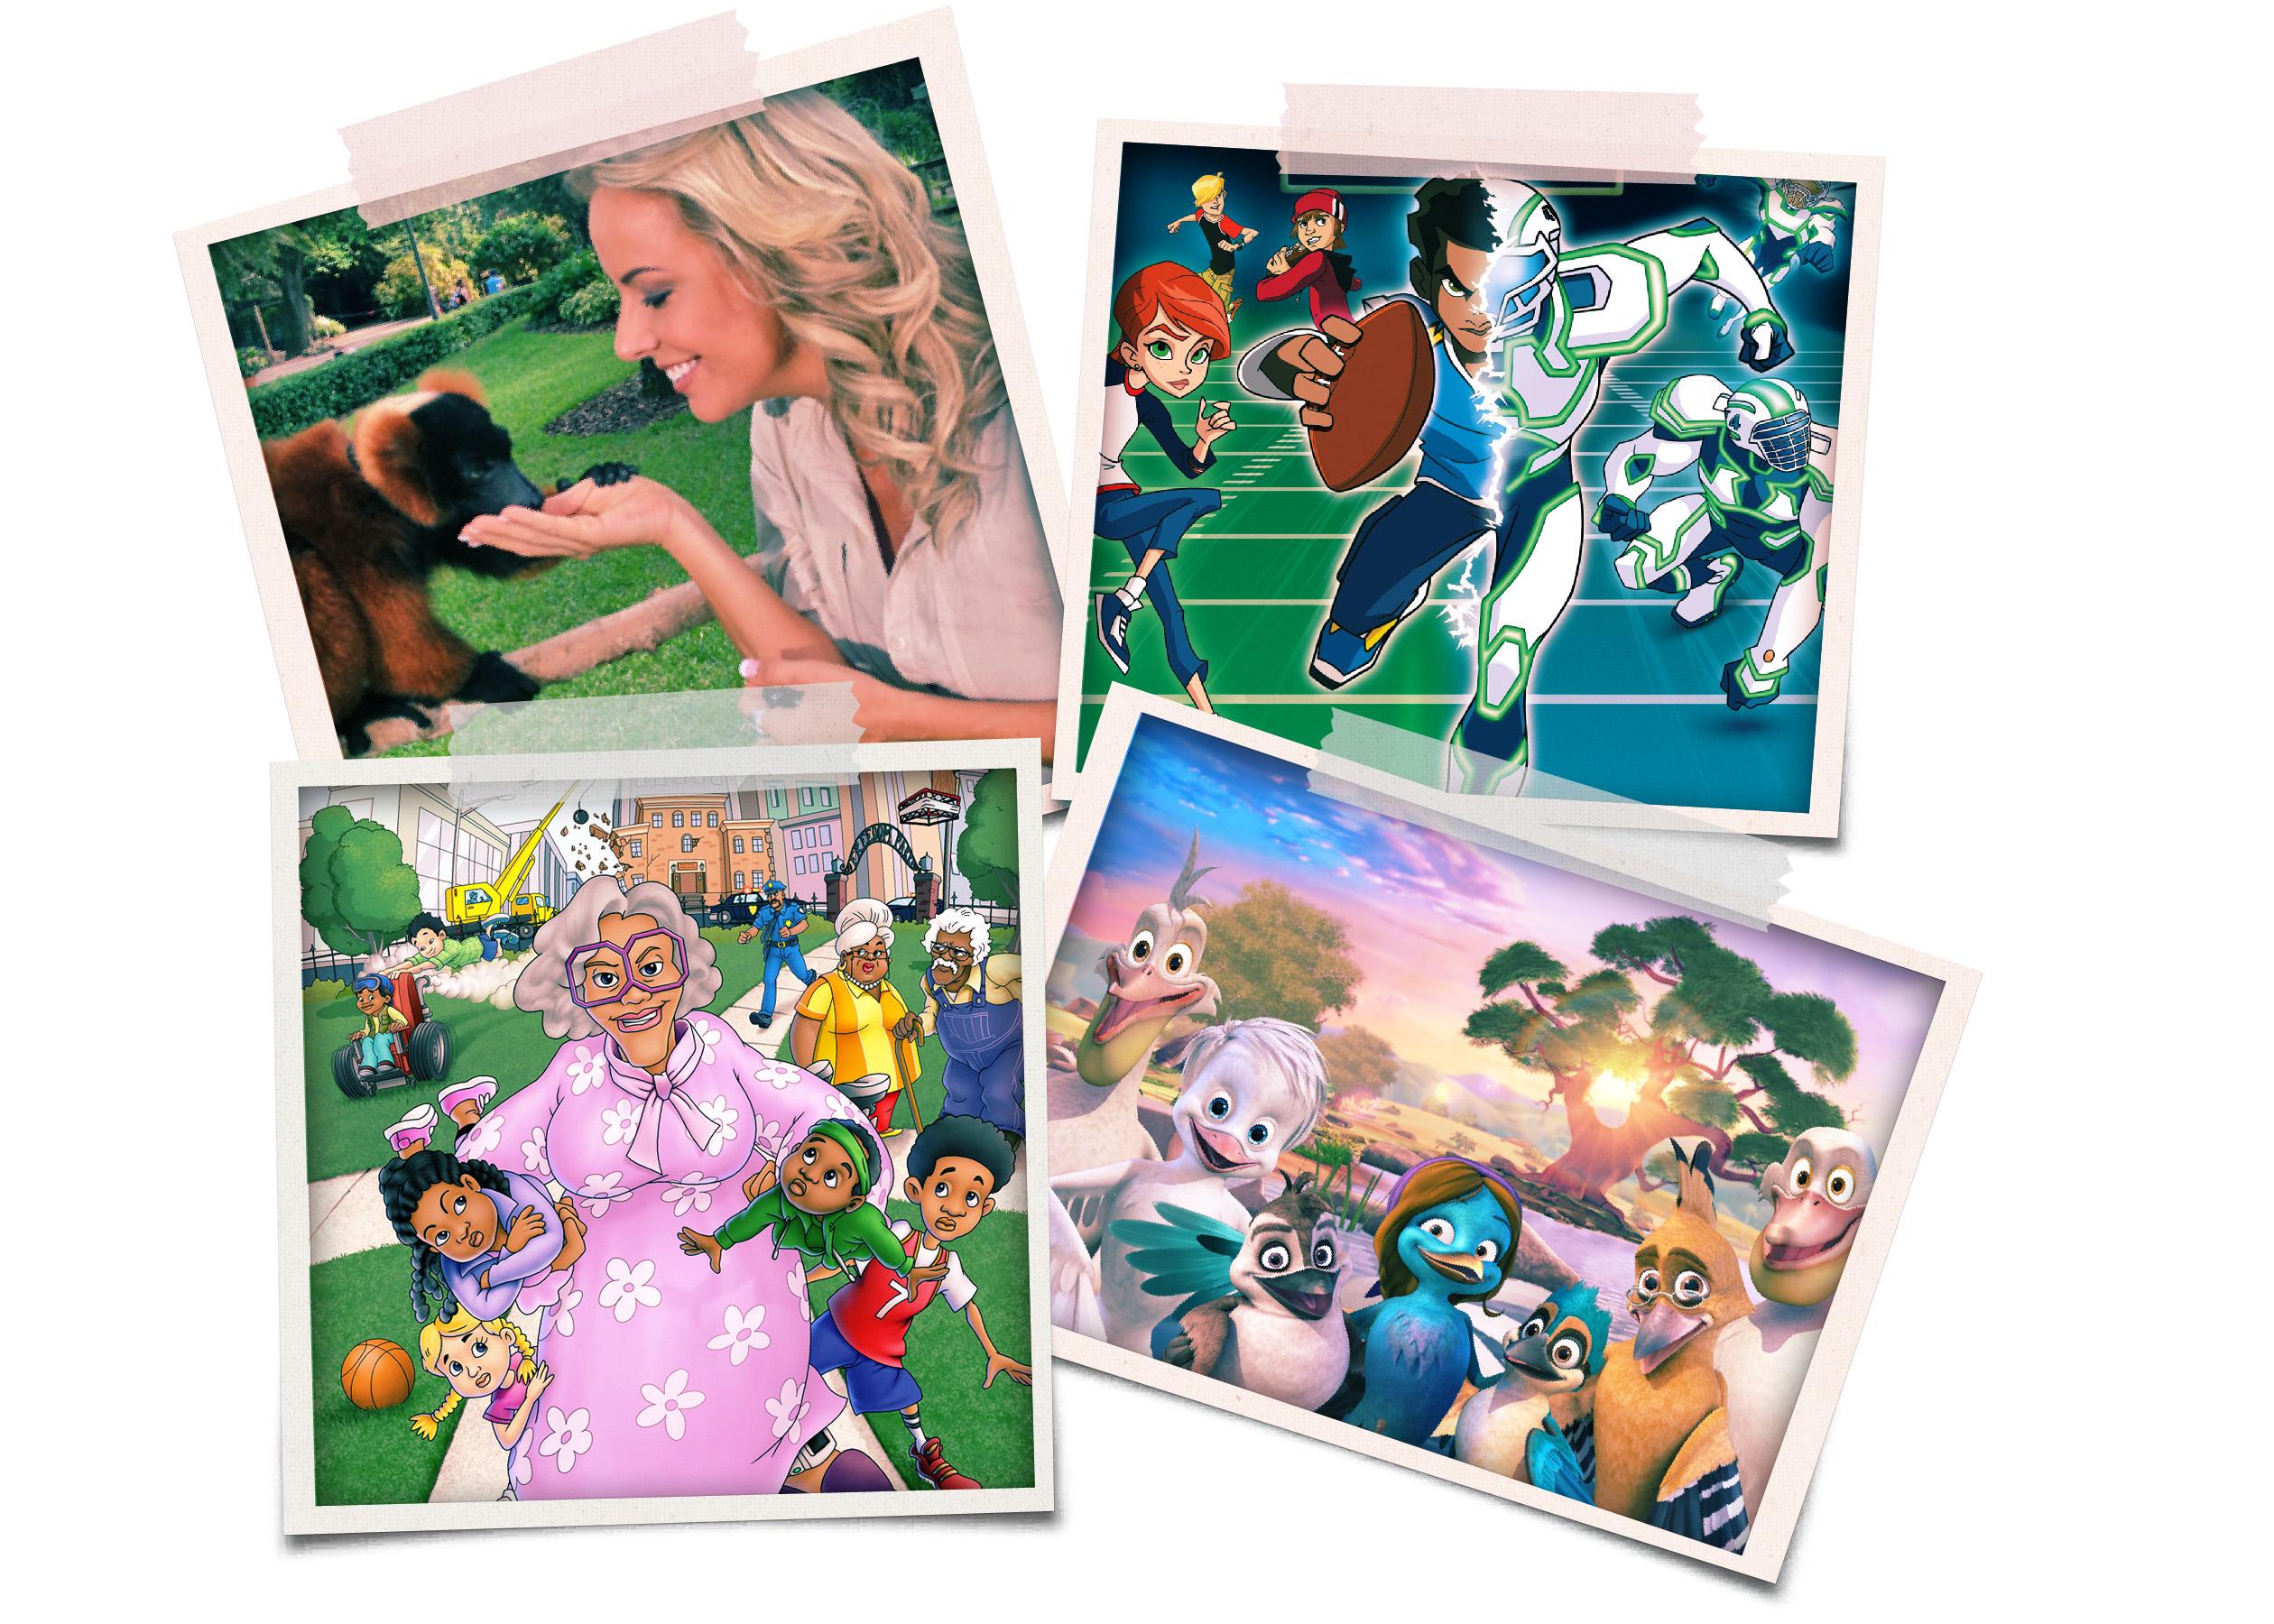 Kidscreen_FinalImage